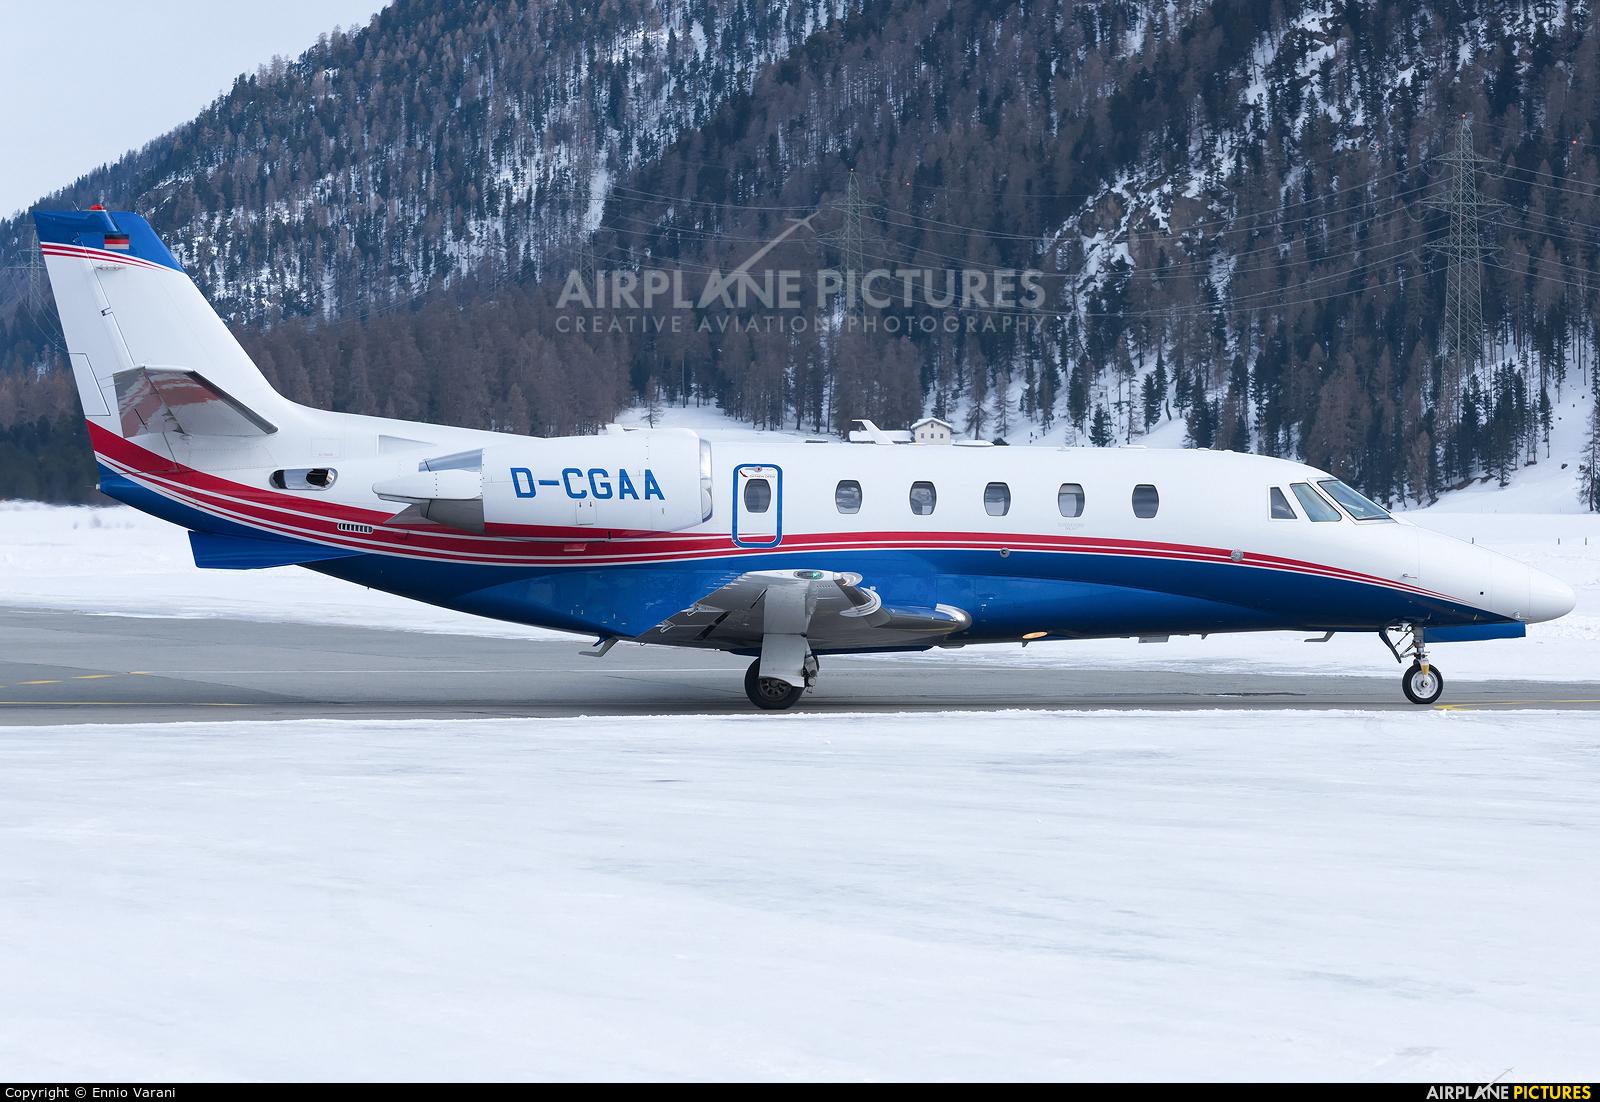 Air Hamburg D-CGAA aircraft at Samedan - Engadin